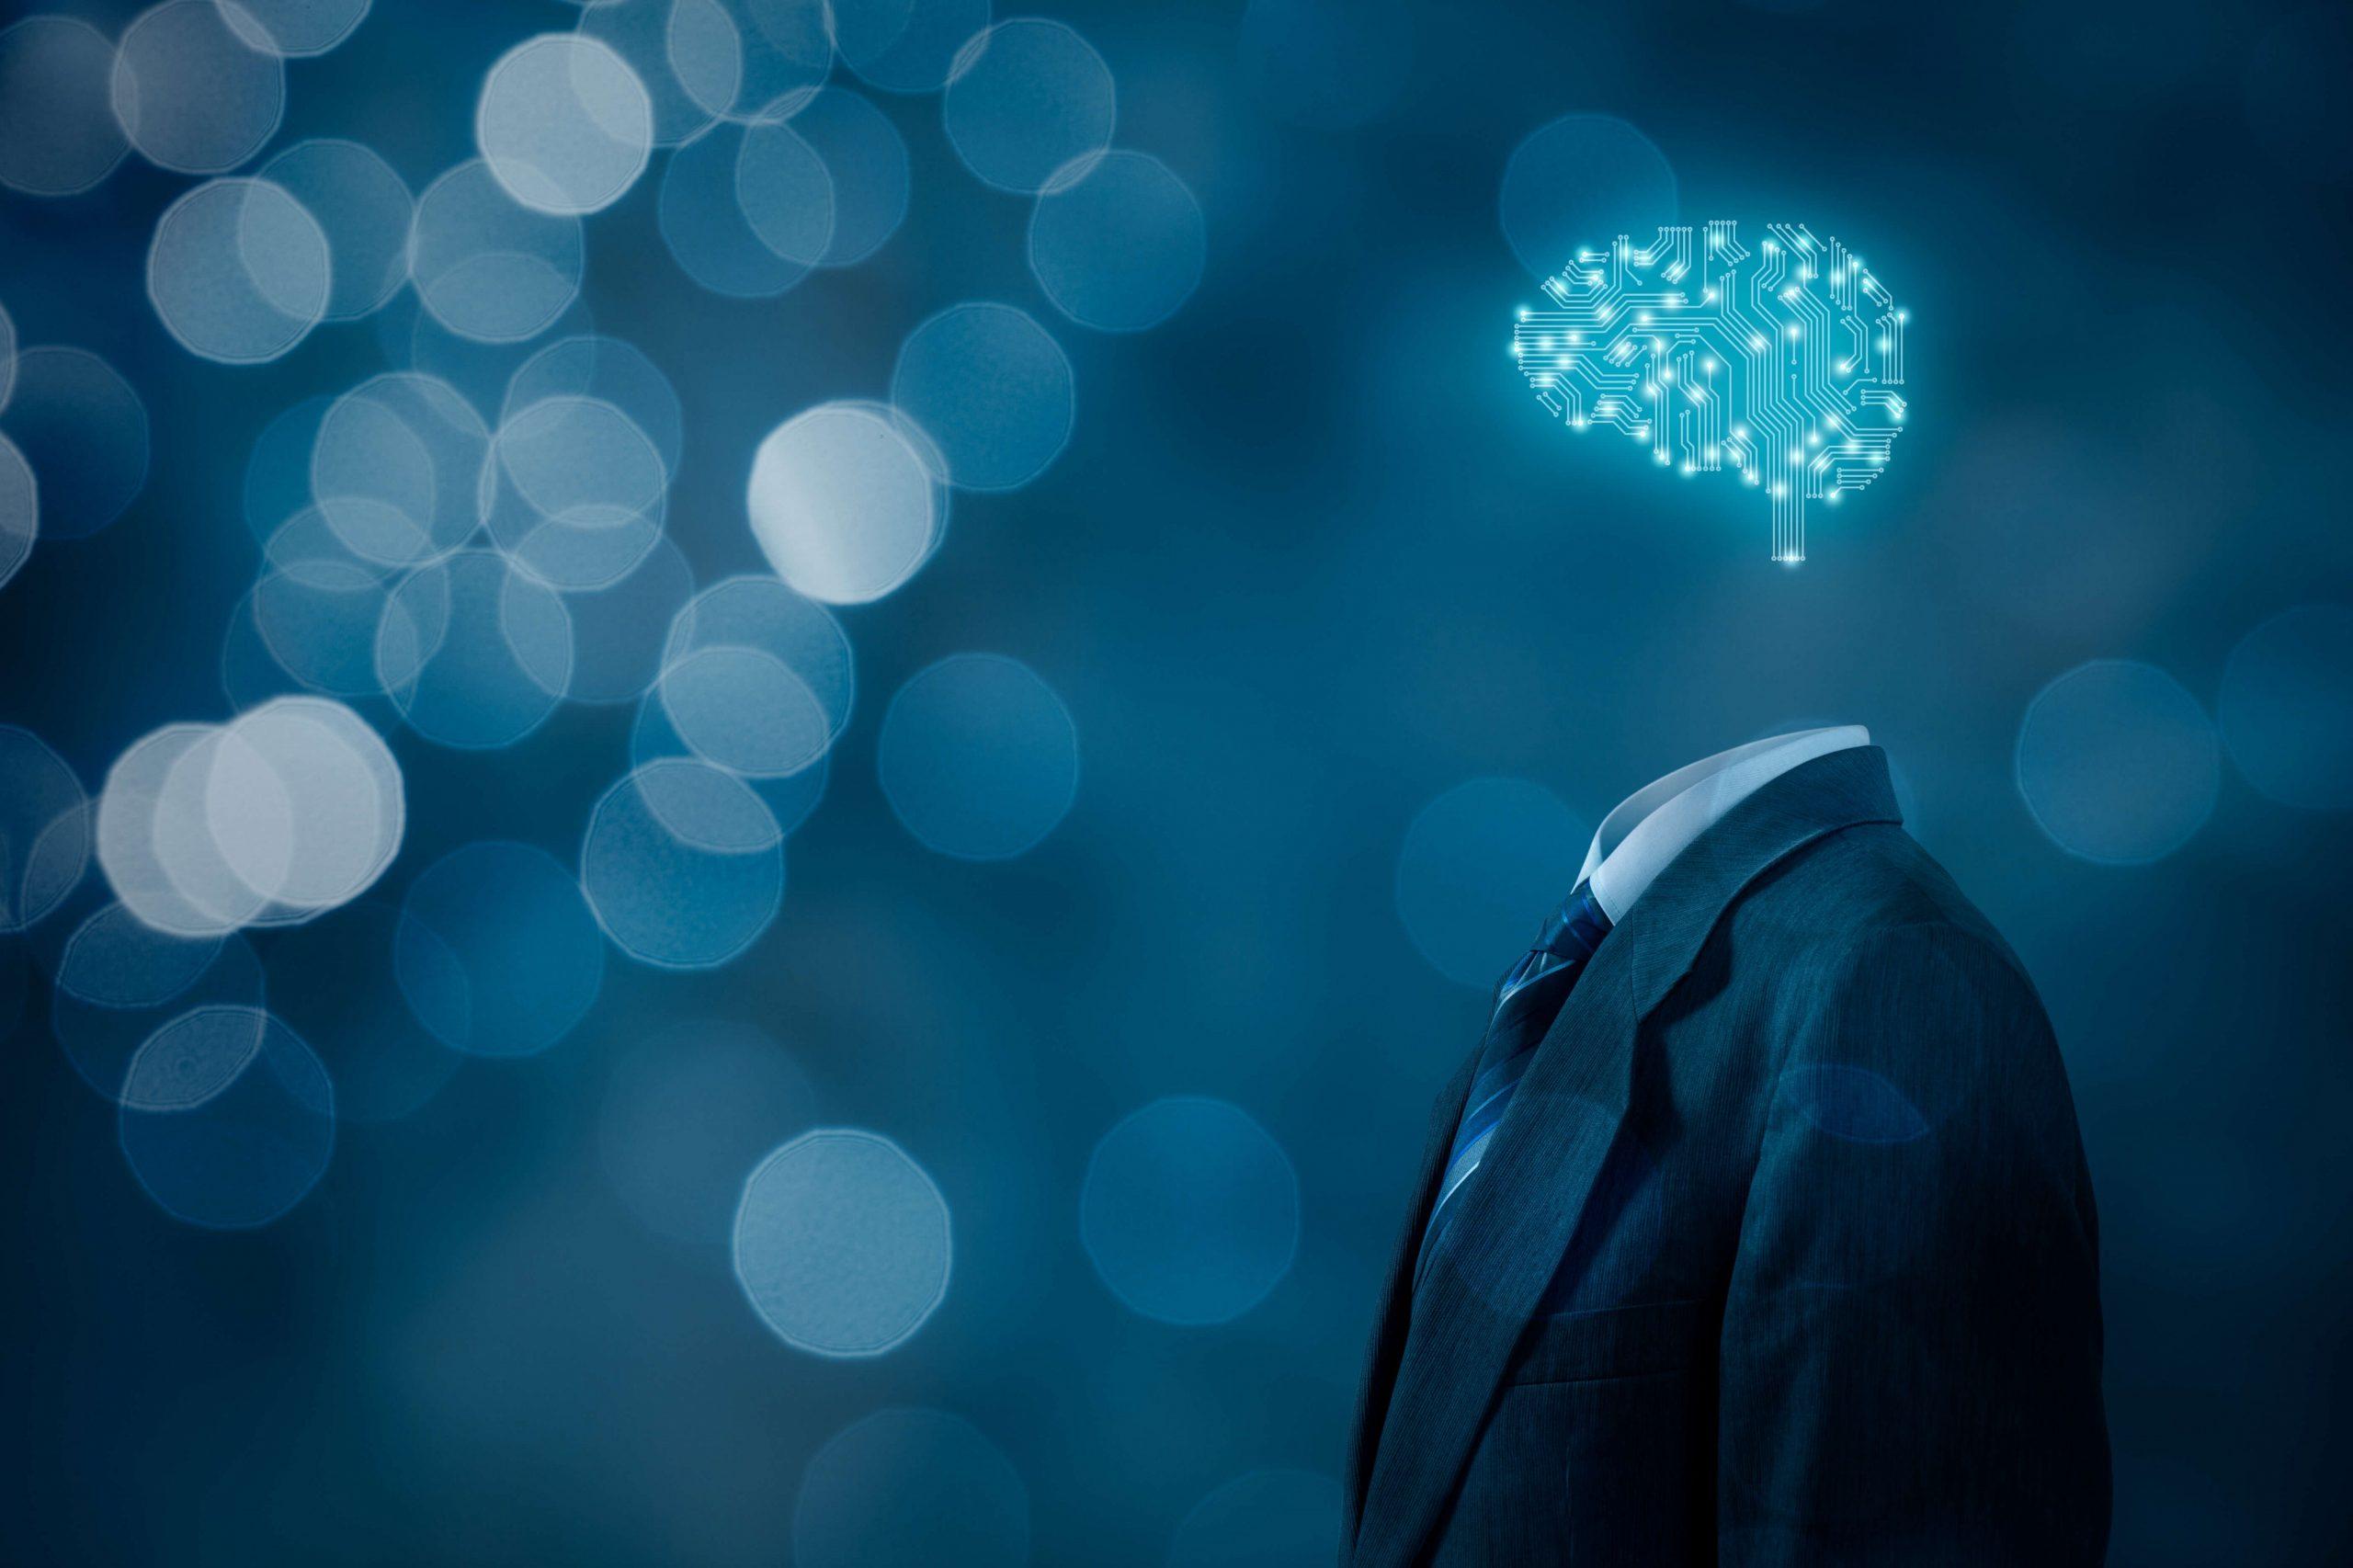 corpo de terno com cerebro artificial computacional